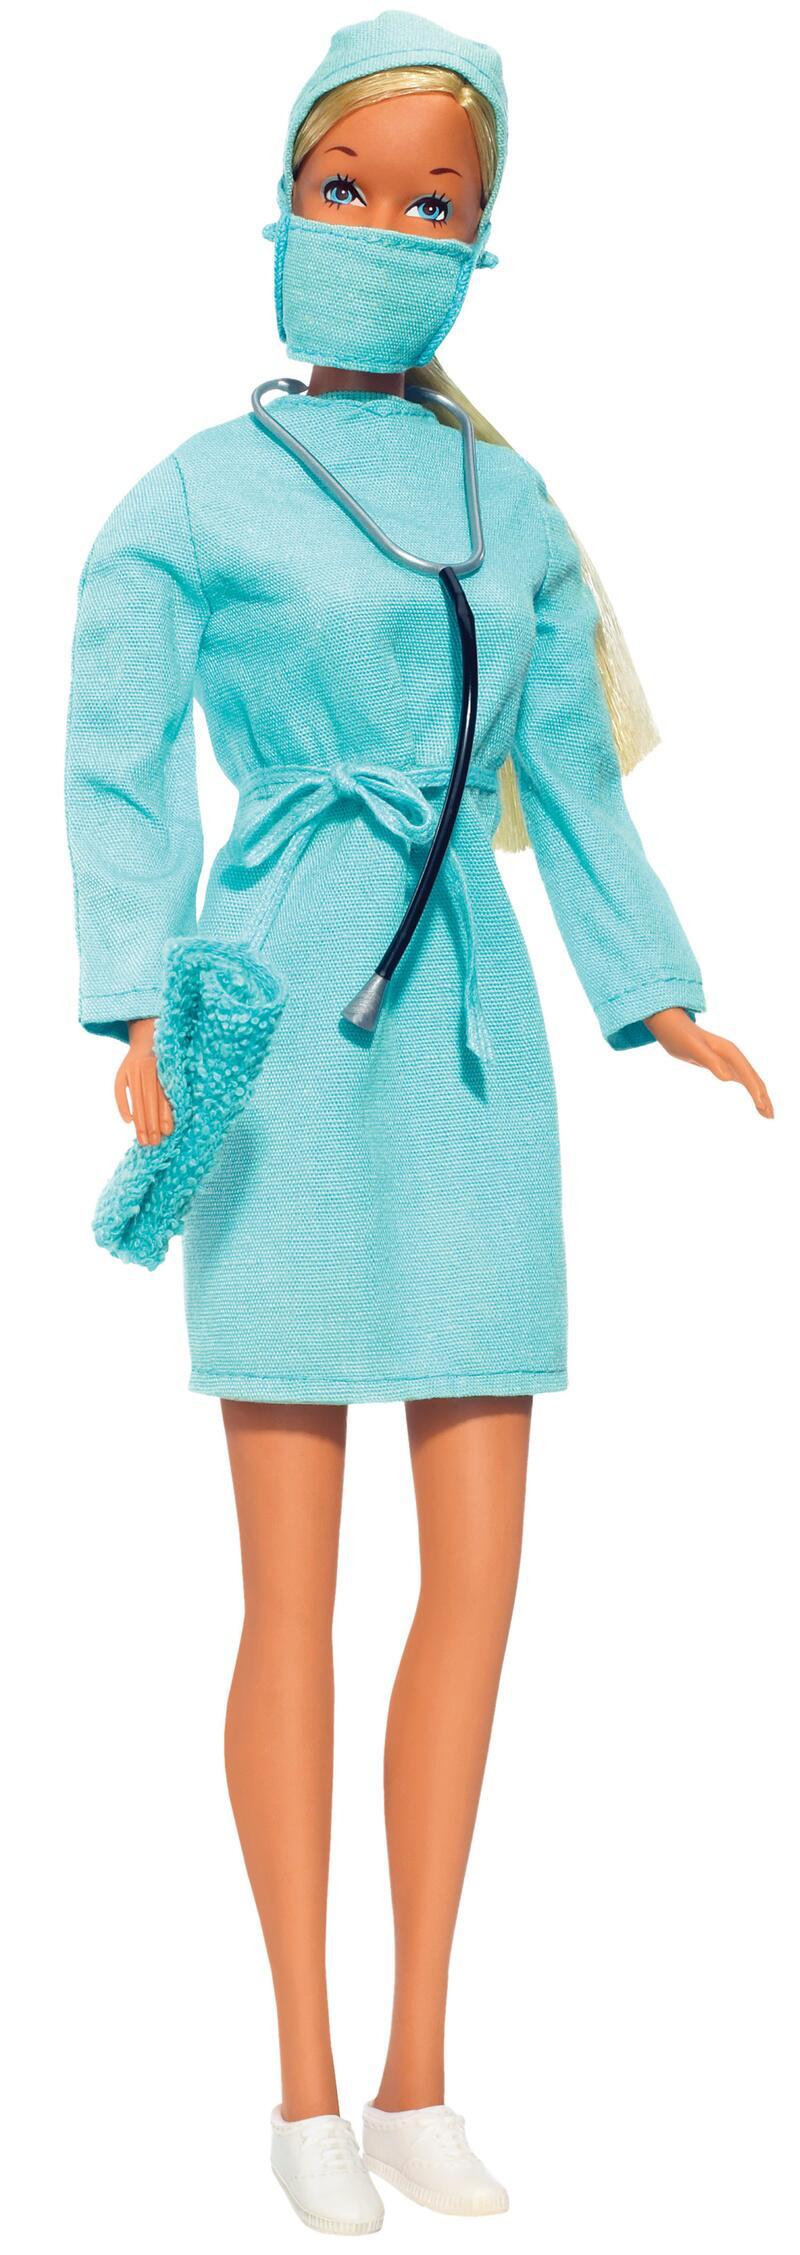 Bild zu 1973 - Chirurgen - Barbie